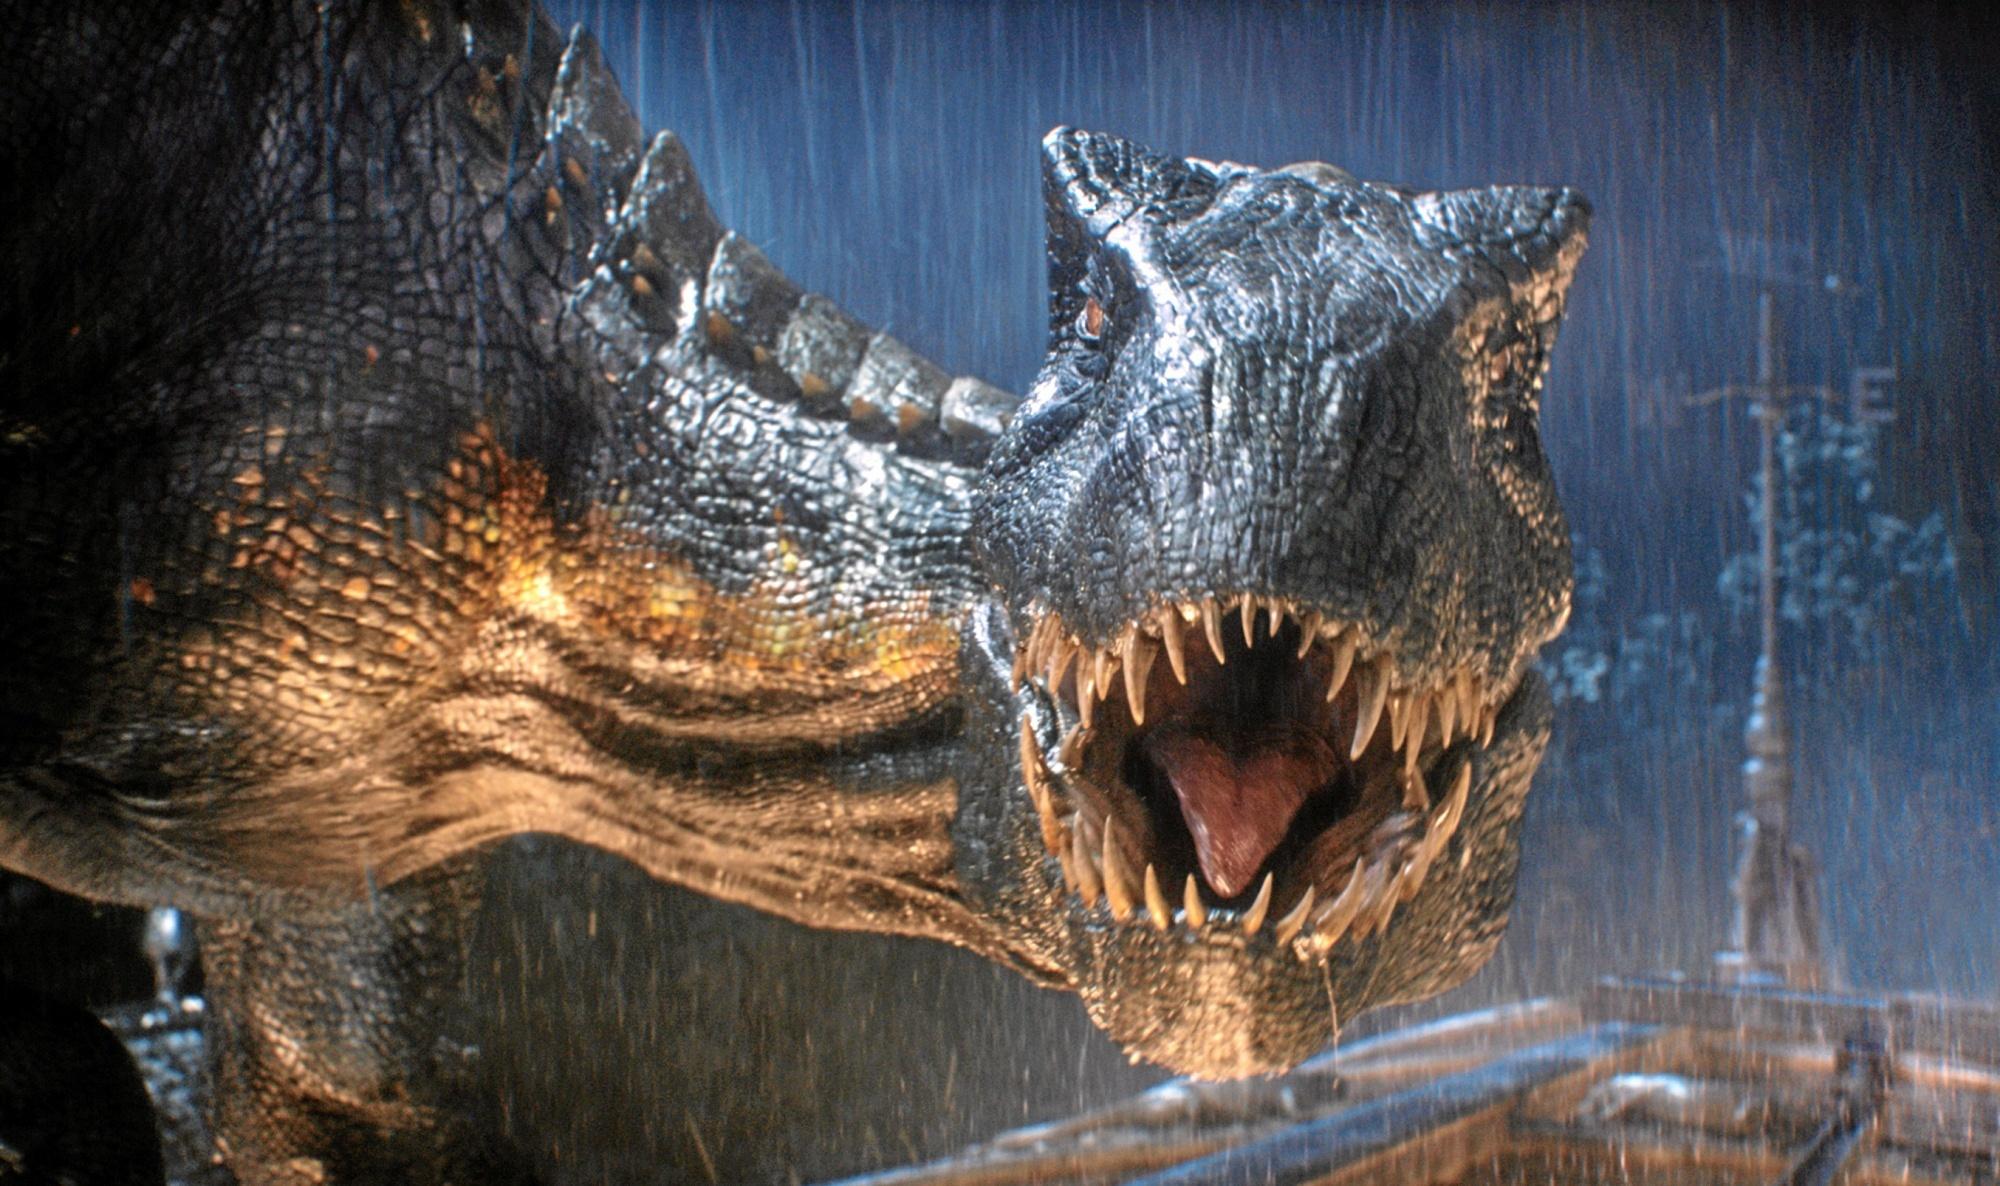 Der er dinoer for fuld udblæsning i Musikkens Hus fredag. PR-foto